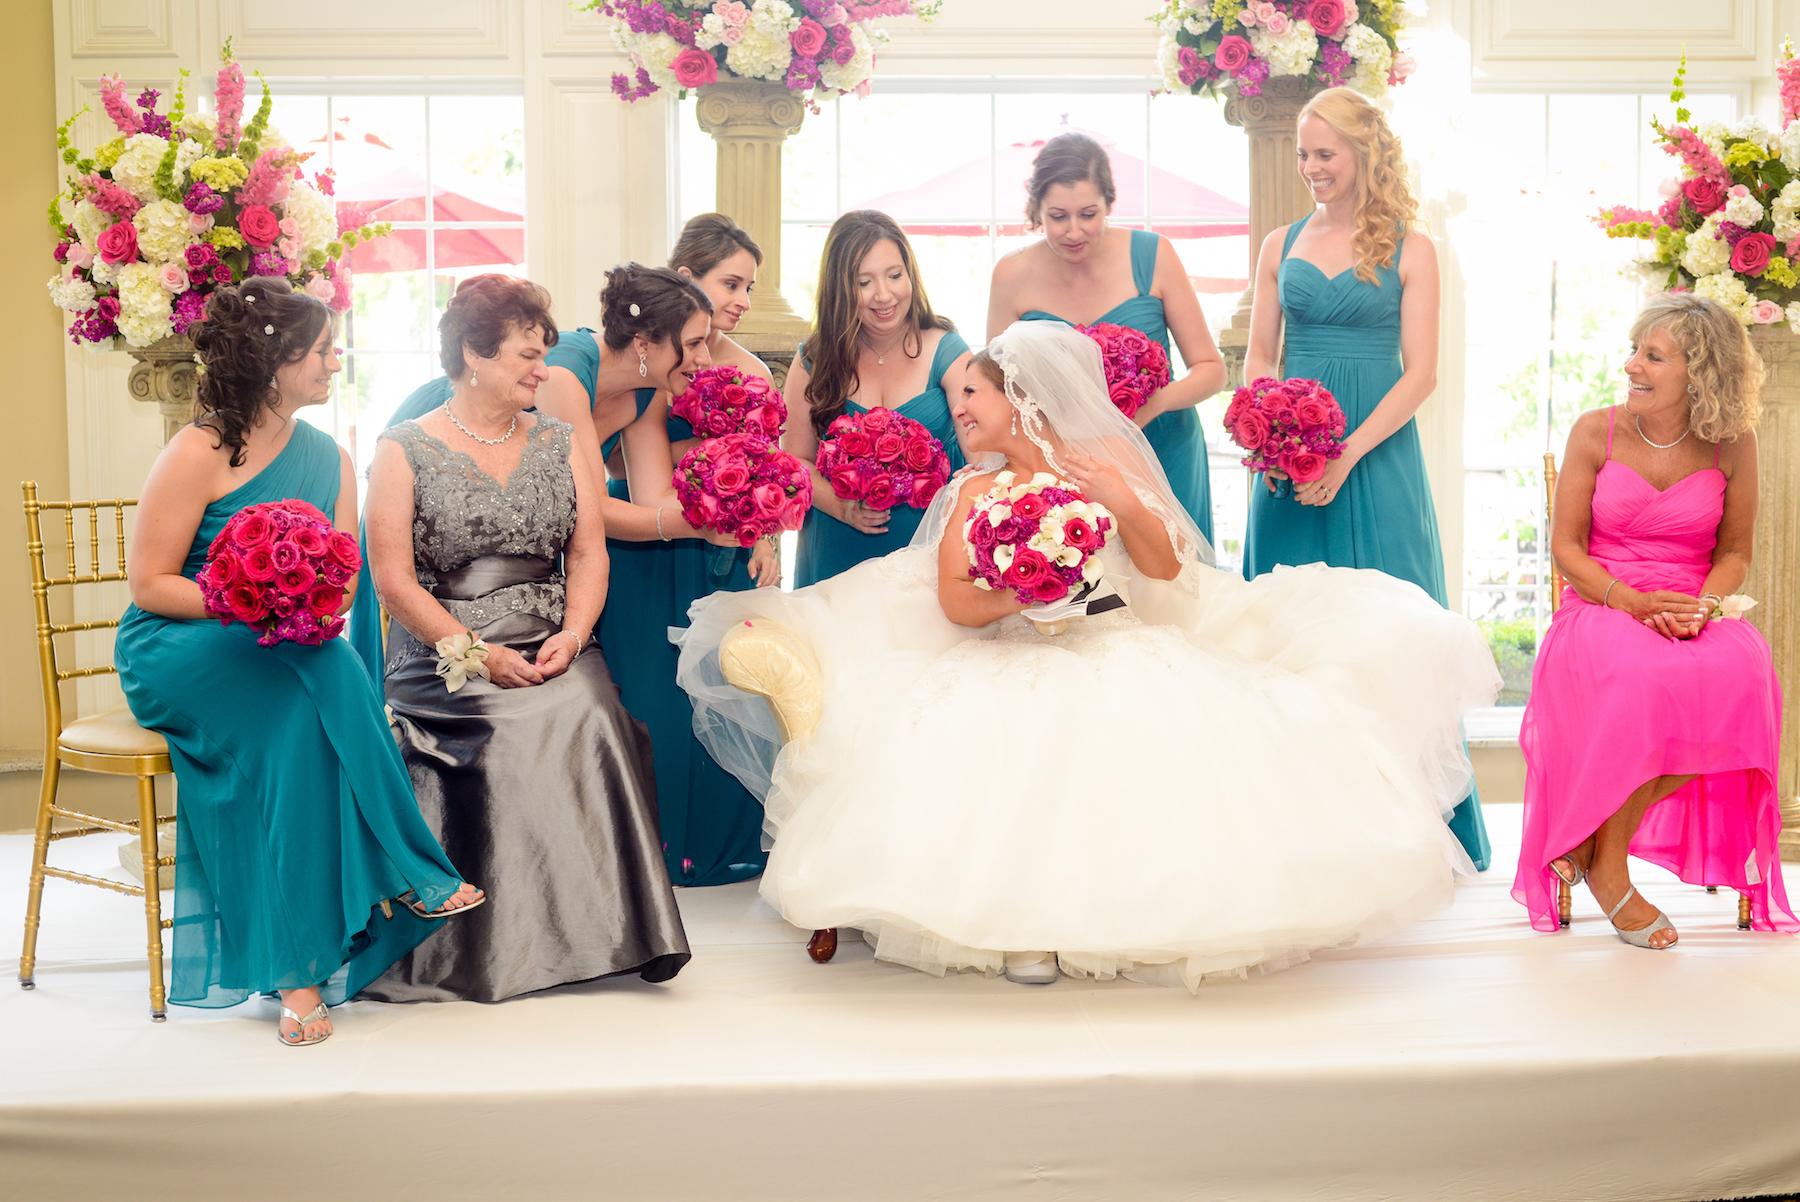 rockleigh-country-club-wedding-veroluce-photos-21